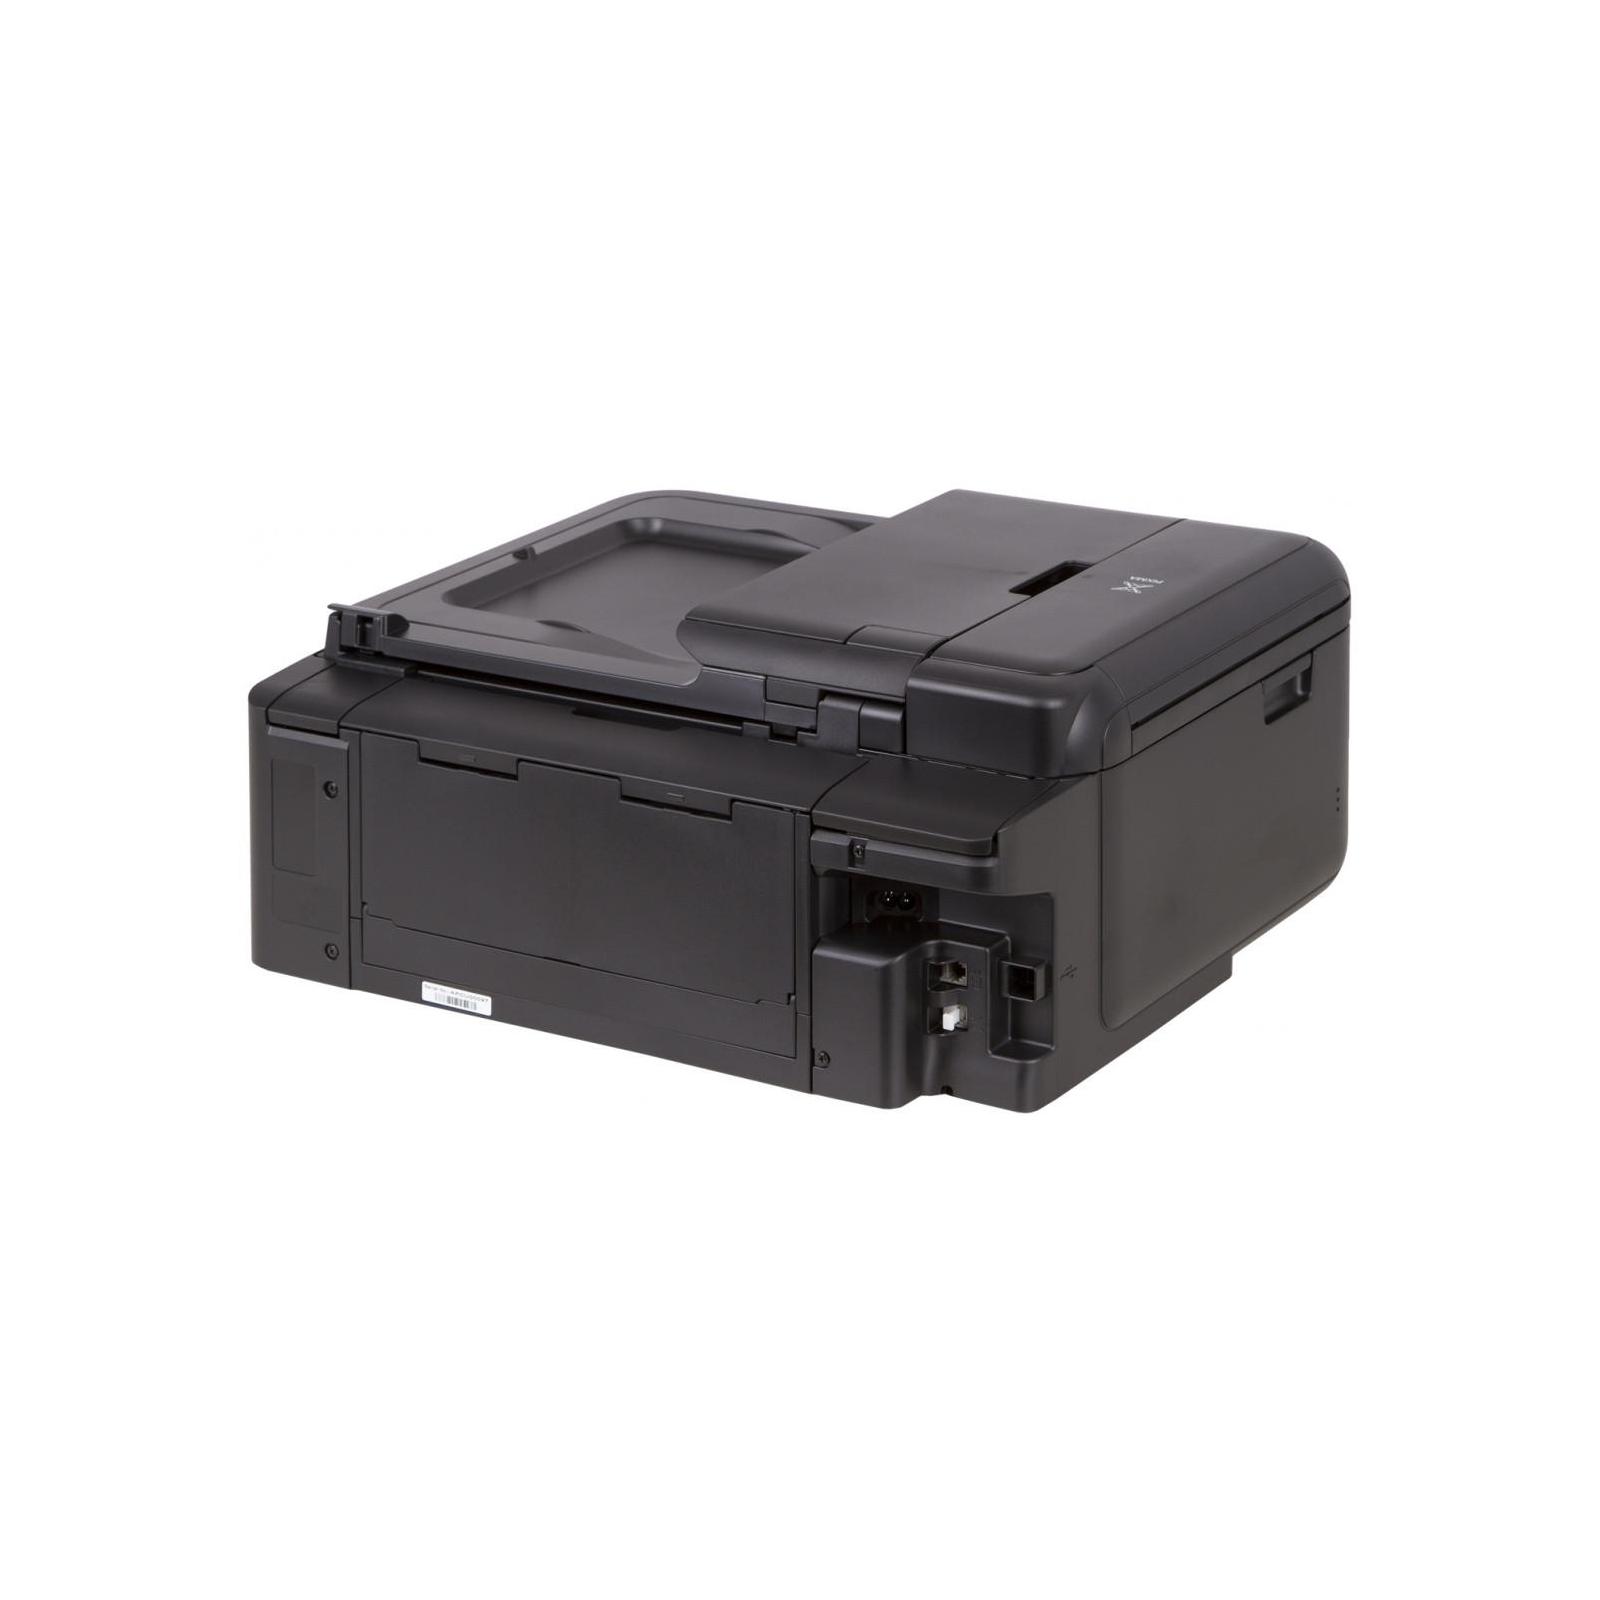 Многофункциональное устройство Canon PIXMA TR7540 BLACK (2232C007) изображение 5